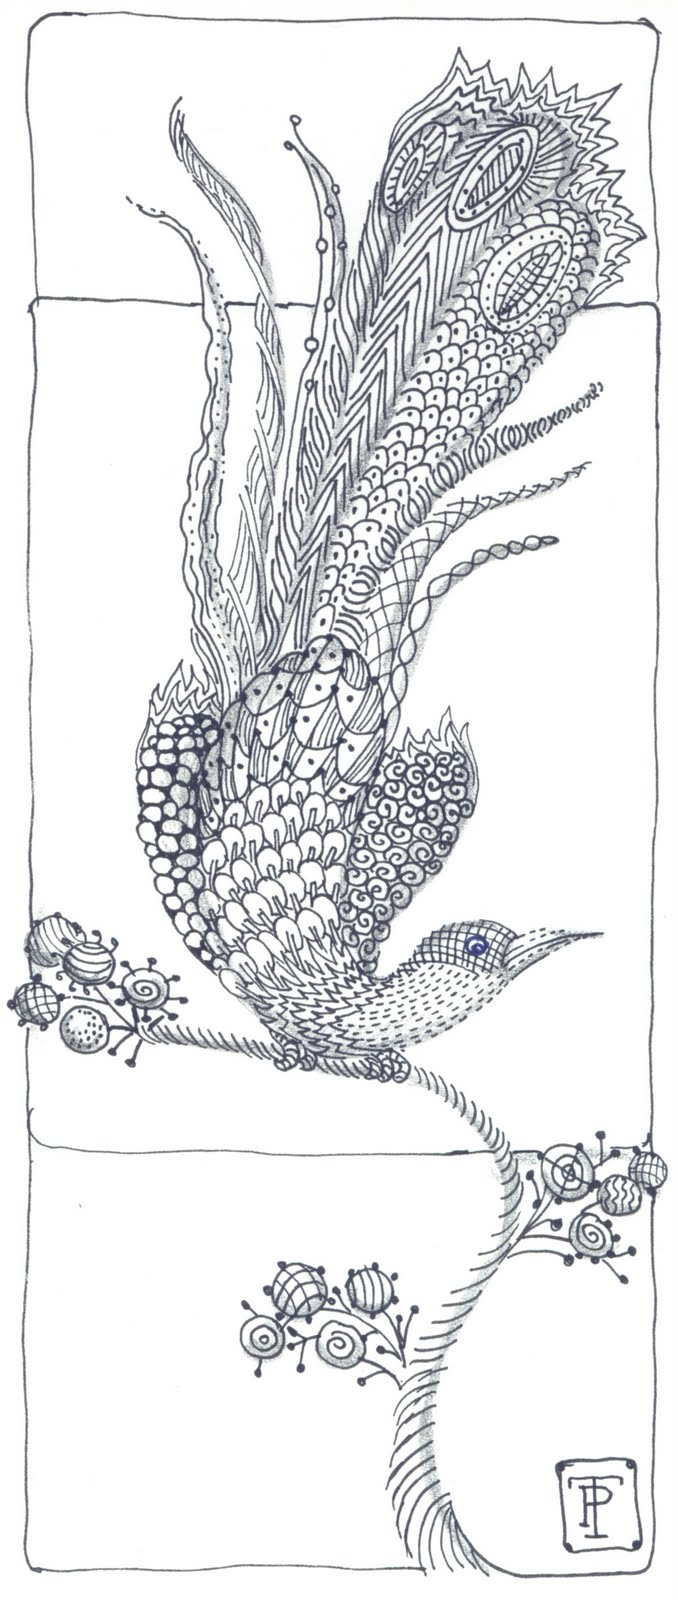 Janu coloring #16, Download drawings